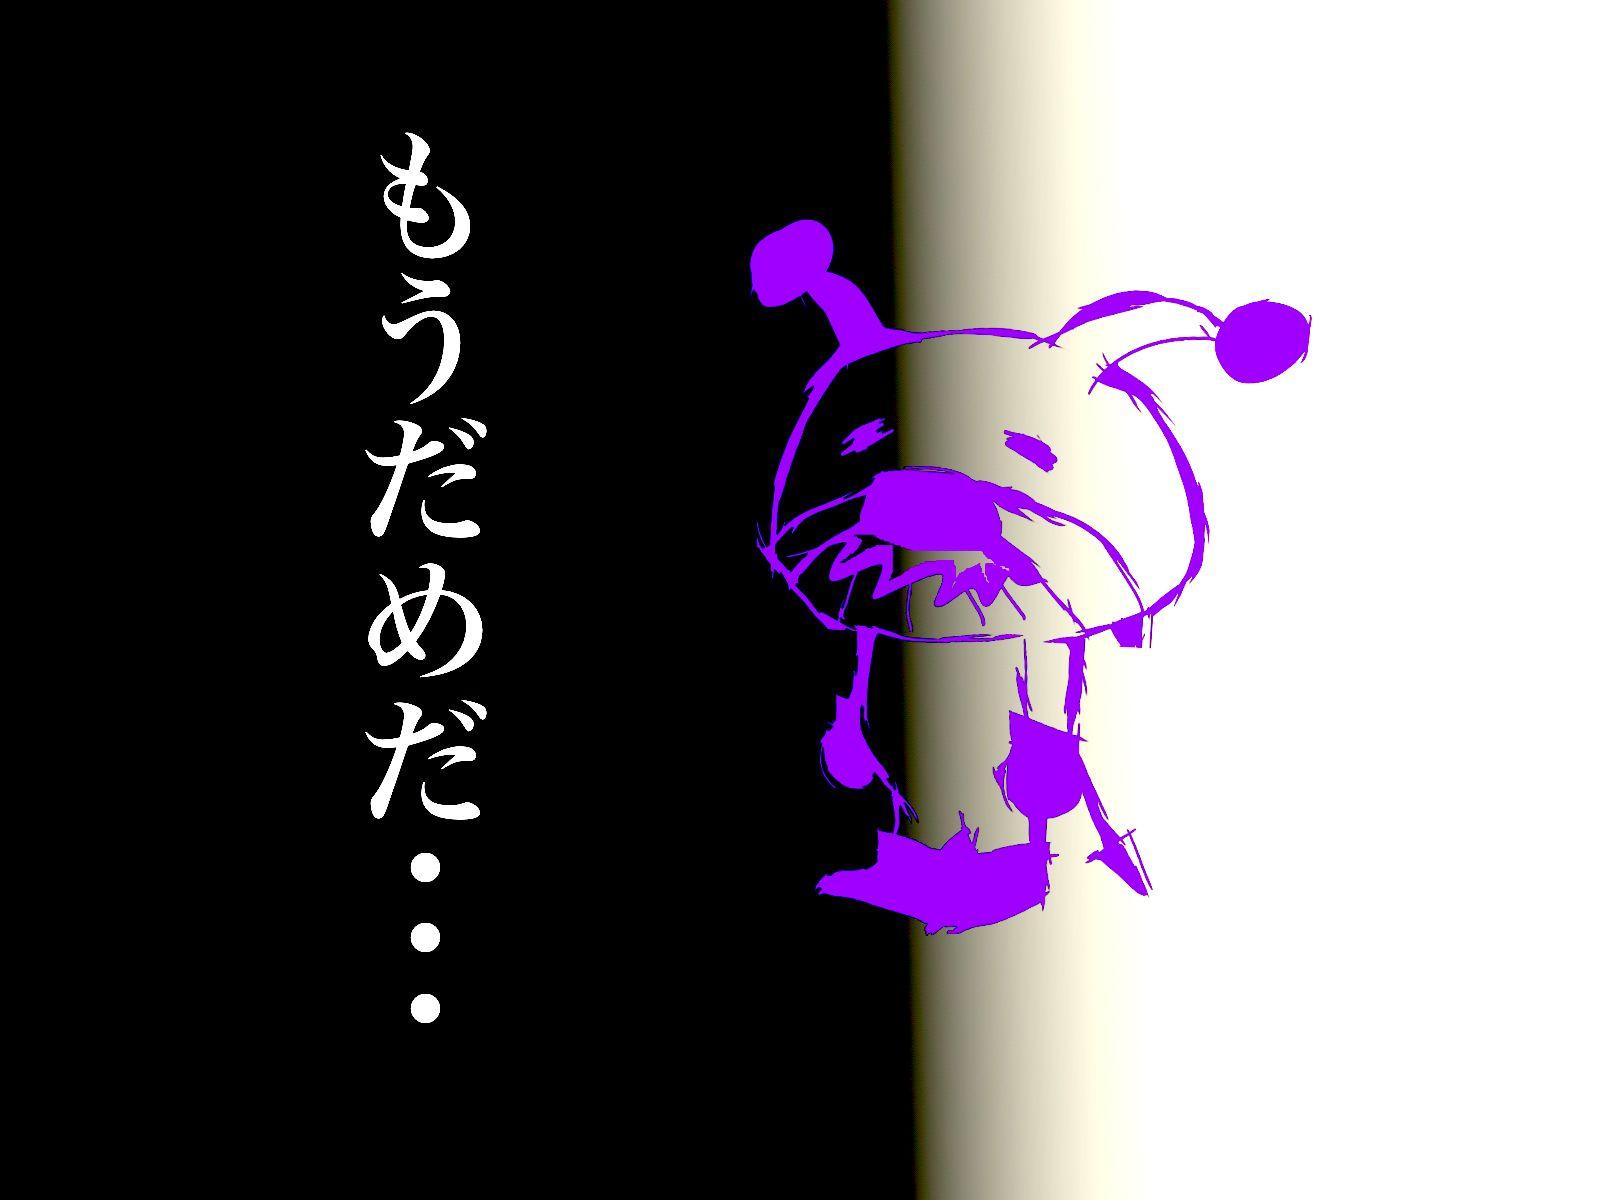 創作 デジタルアナログ 楽天ブログ